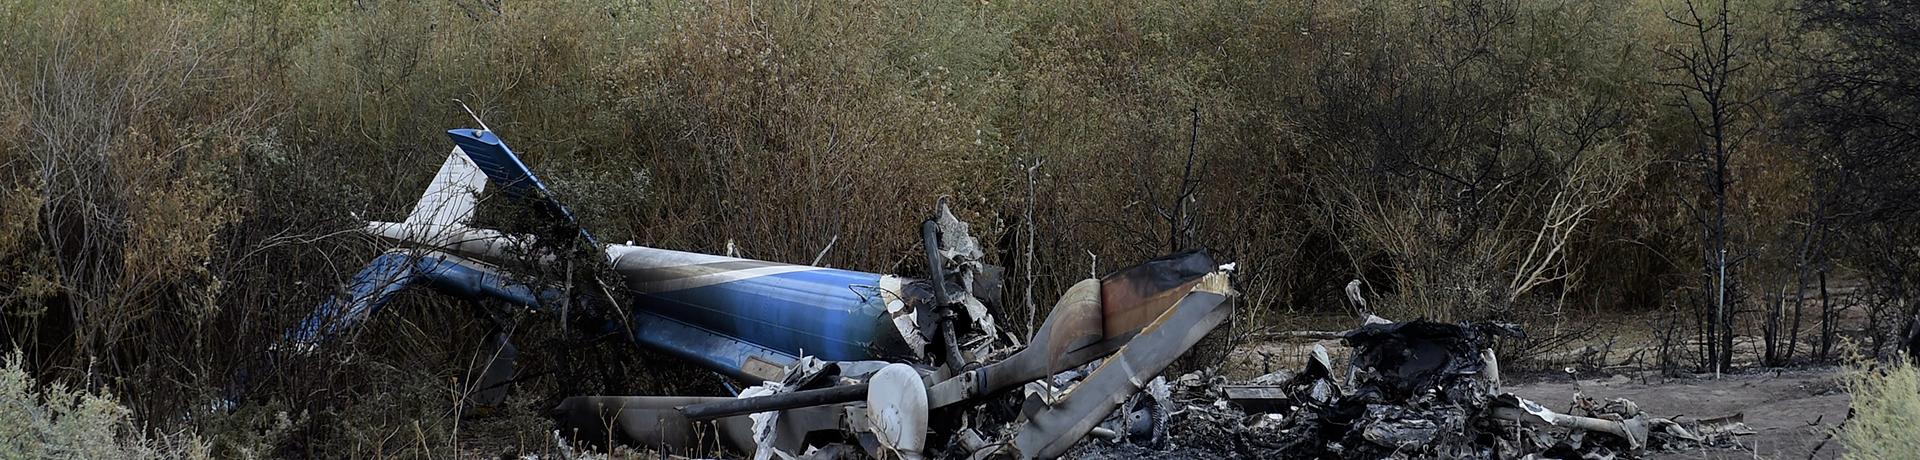 Les carcasses des hélicoptères qui se sont crashés en Argentine